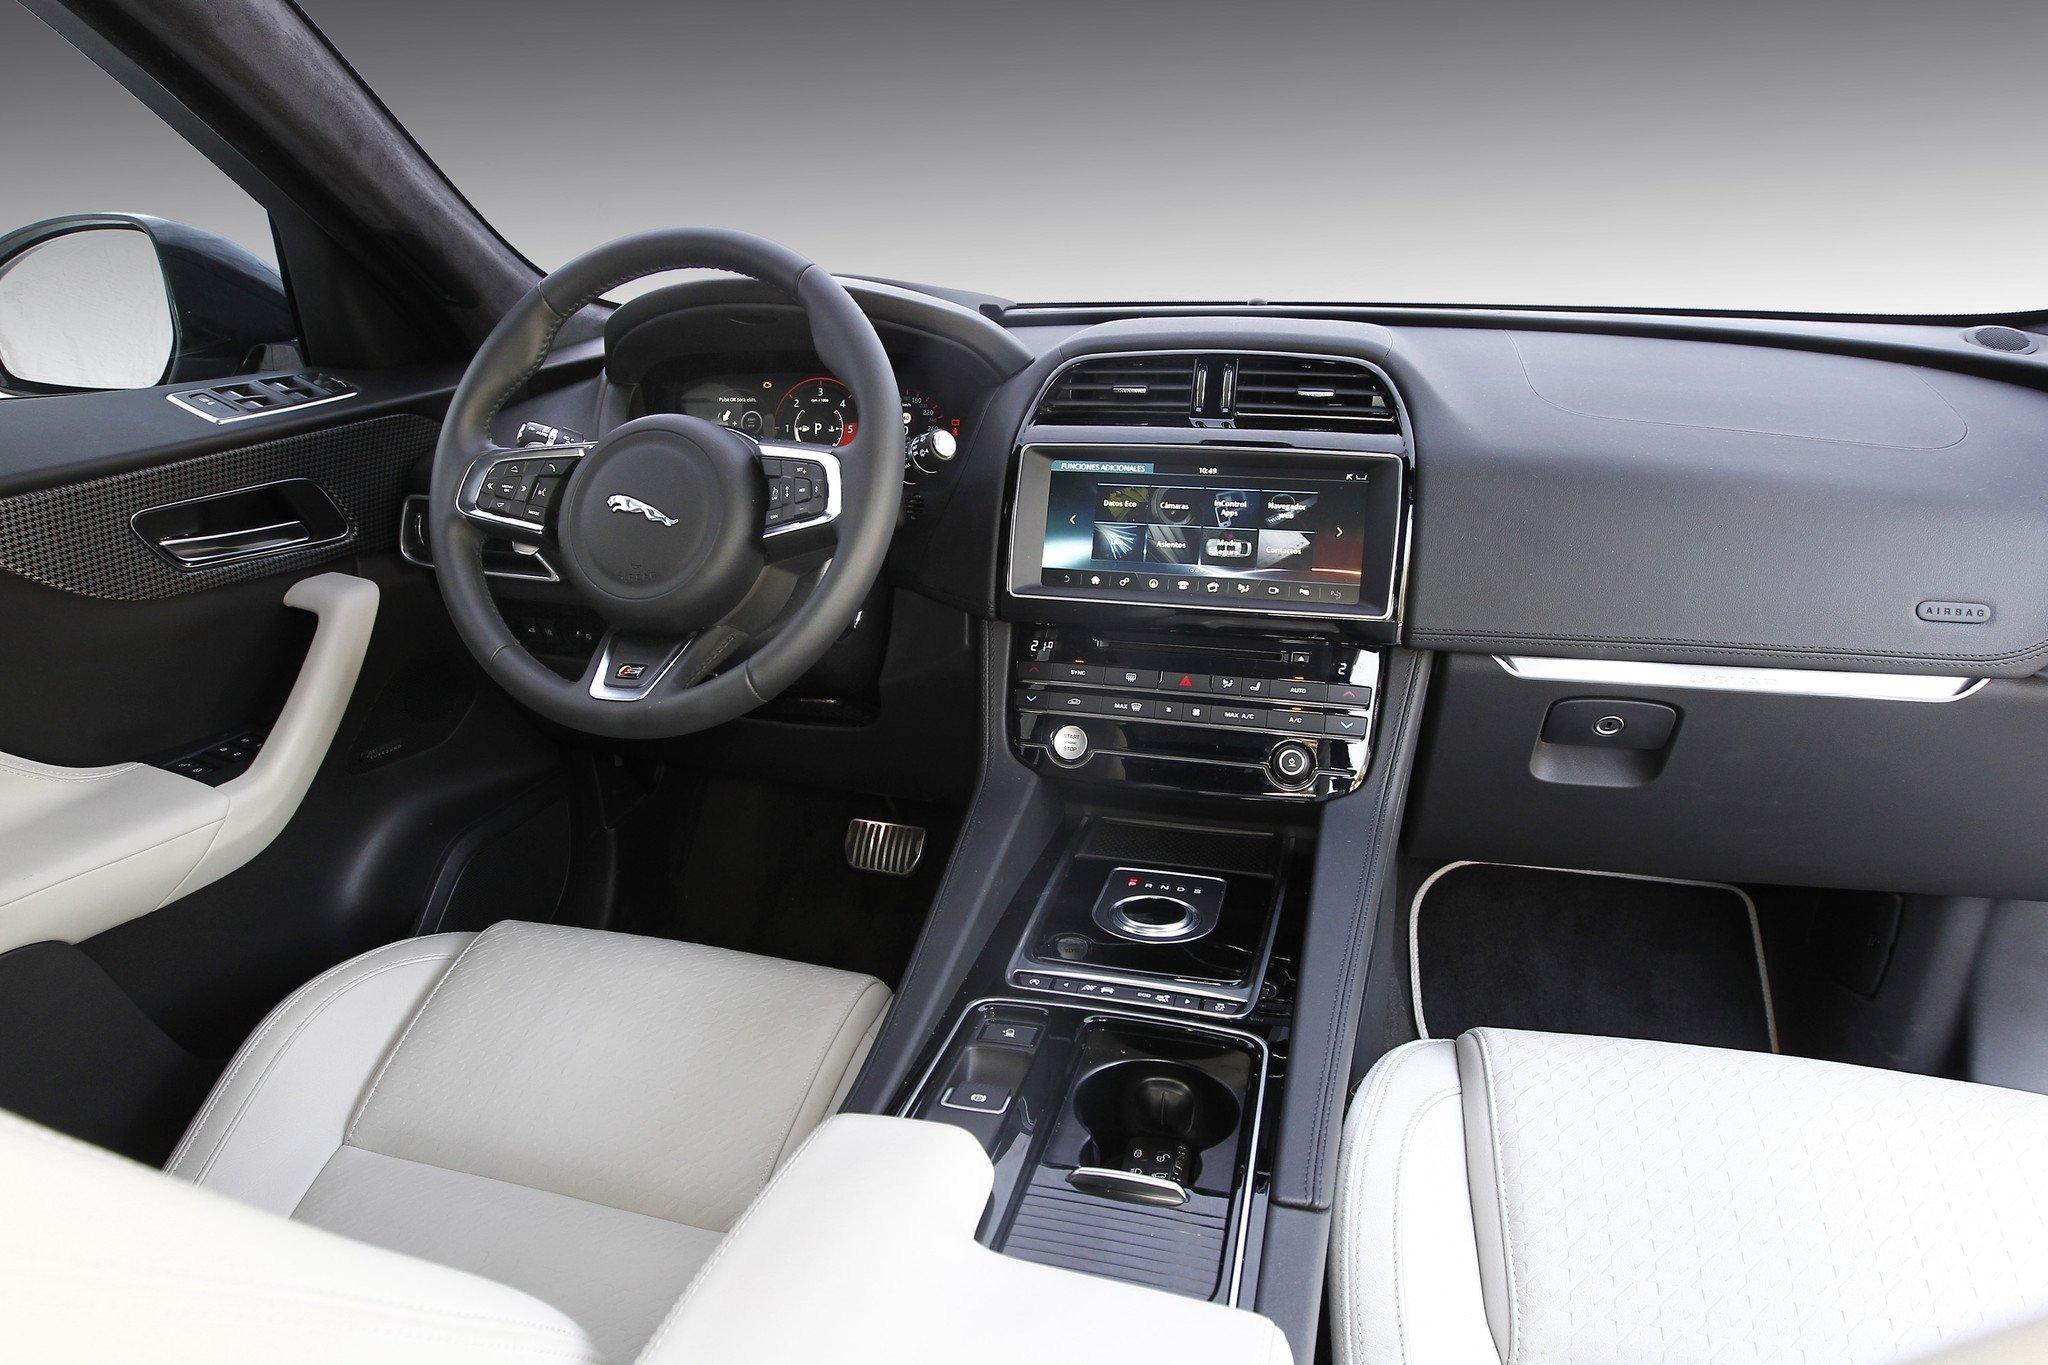 Jaguar F-PACE 3.0 TDV6 S